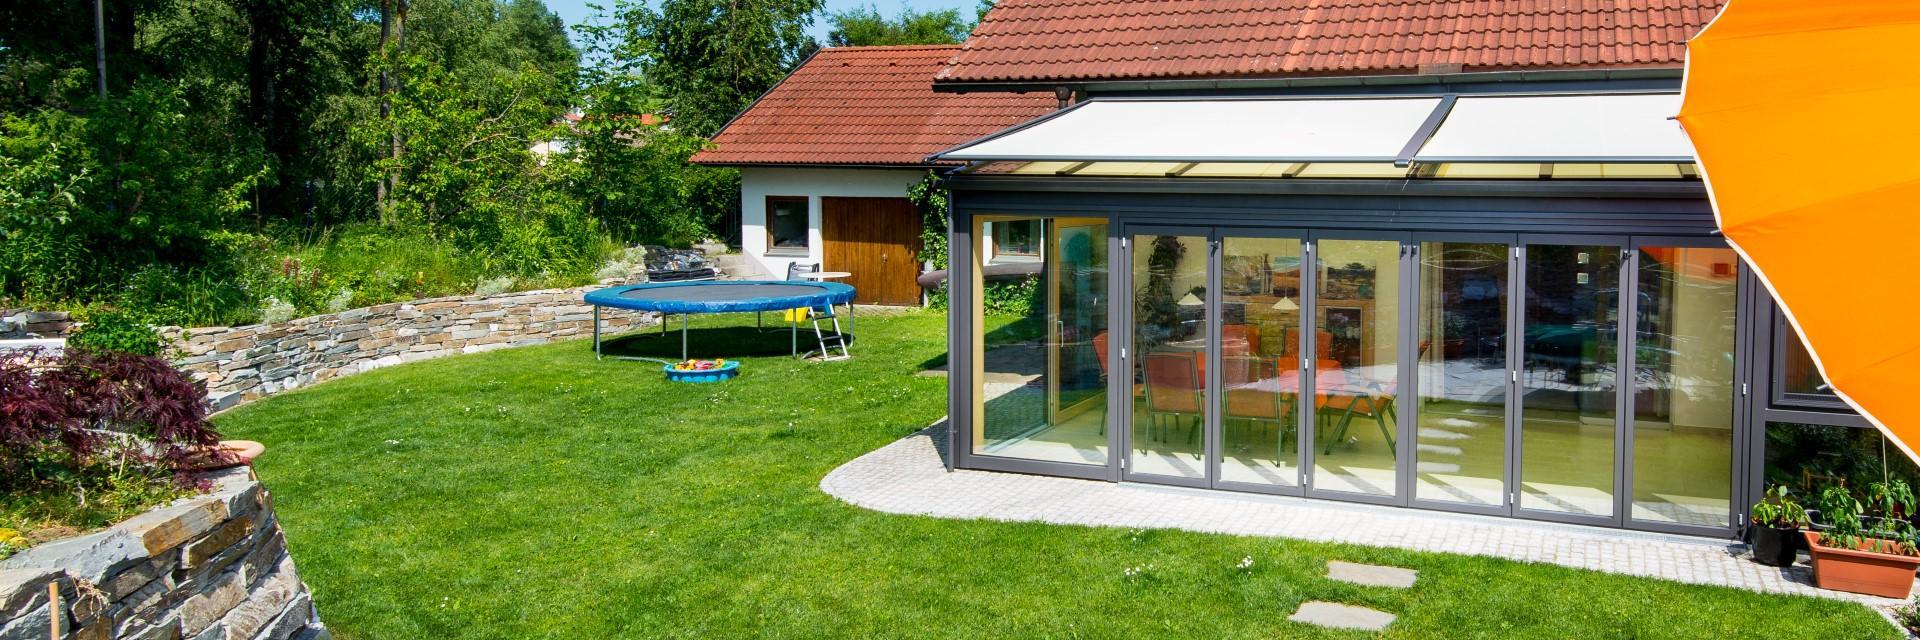 pultdach wintergarten mit gro er ffnung zum garten. Black Bedroom Furniture Sets. Home Design Ideas